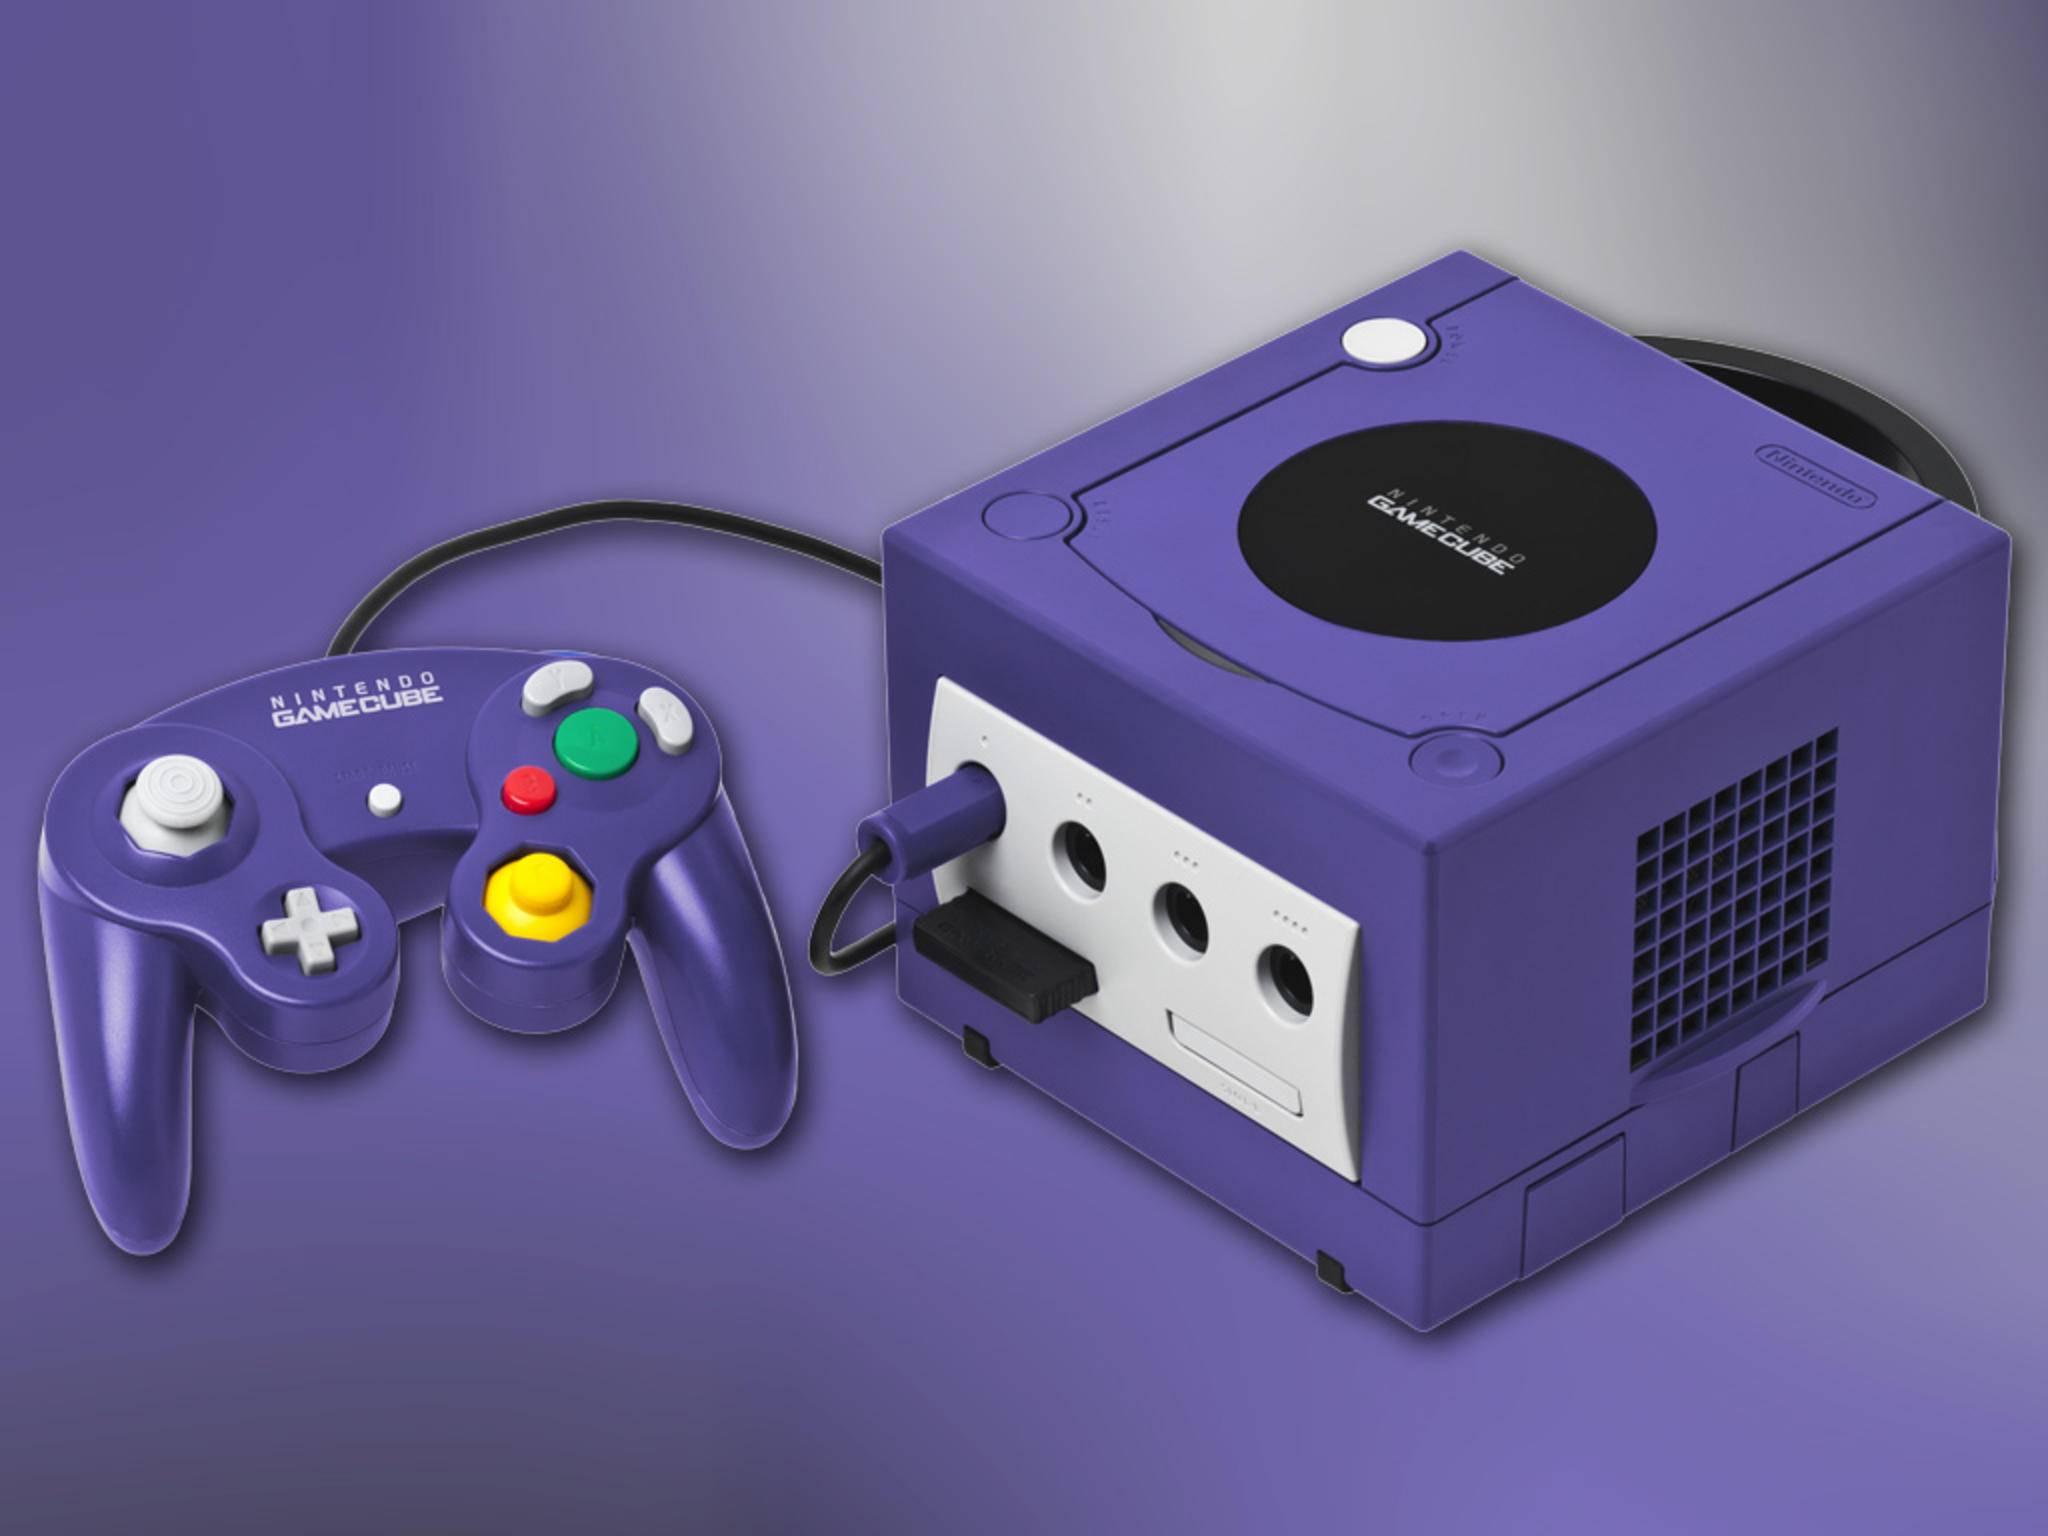 Ebenso der Nintendo GameCube.